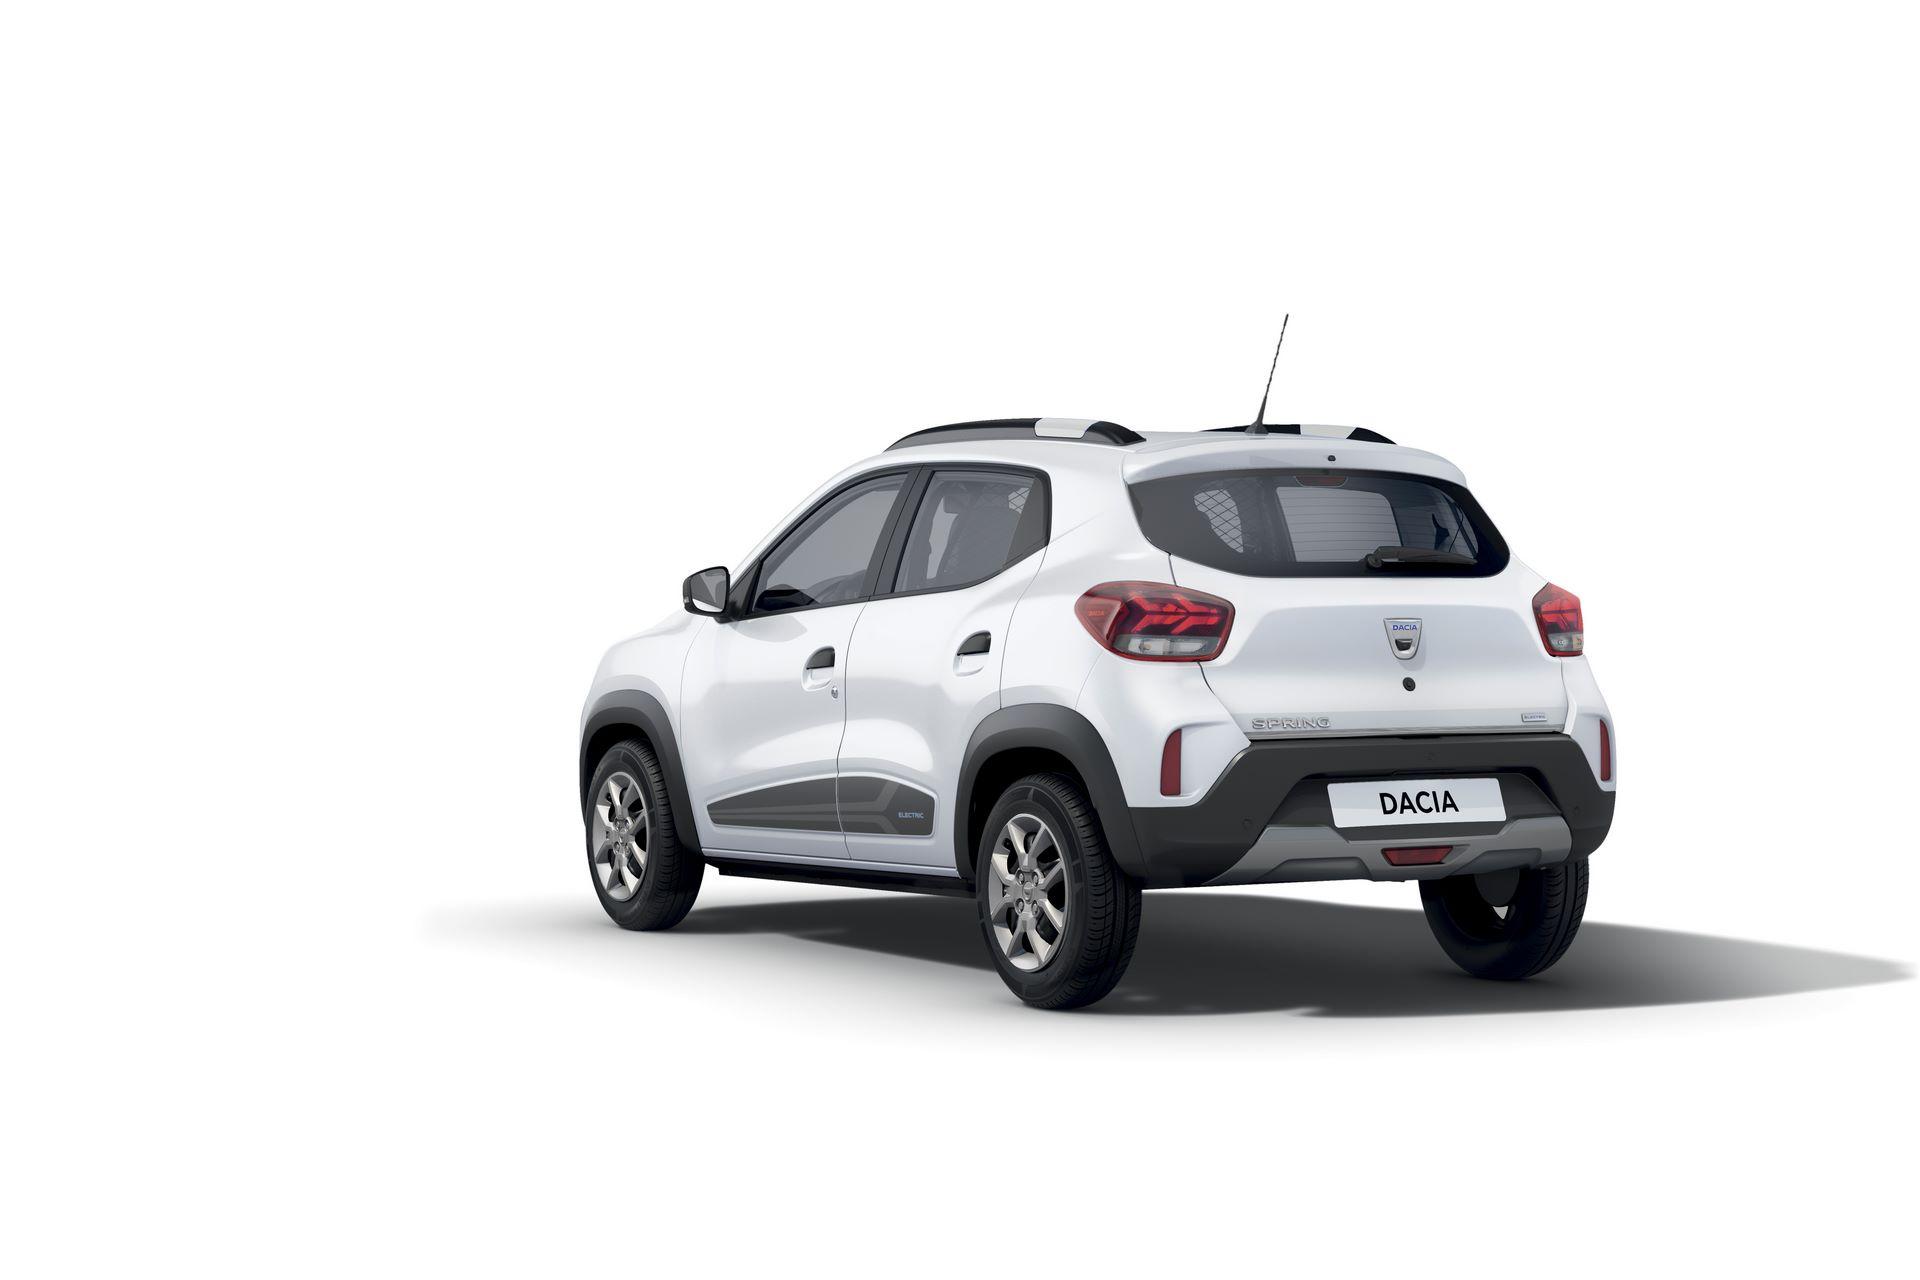 Dacia Spring - самый бюджетный электрокар для европейского рынка: дата начала продаж, цена и особенности 3